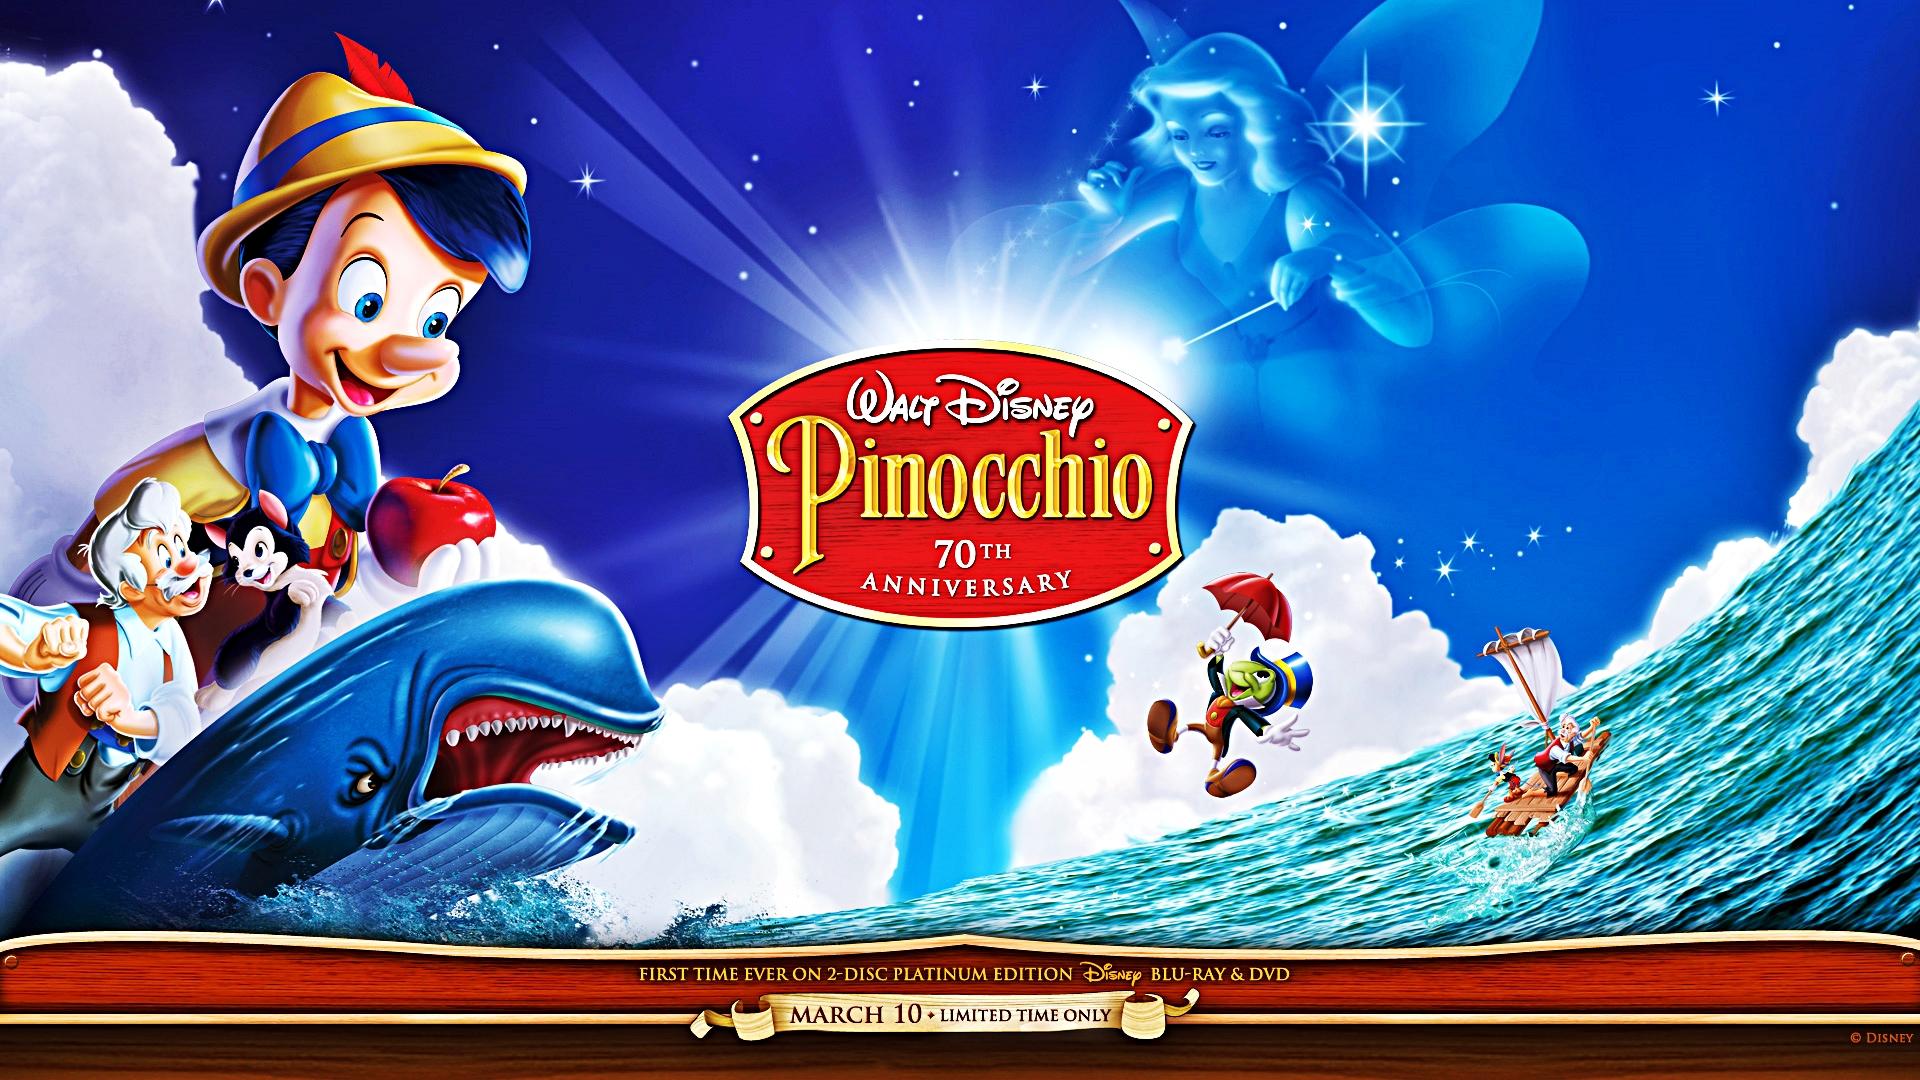 Walt Disney Wallpapers   Pinocchio   Walt Disney 1920x1080